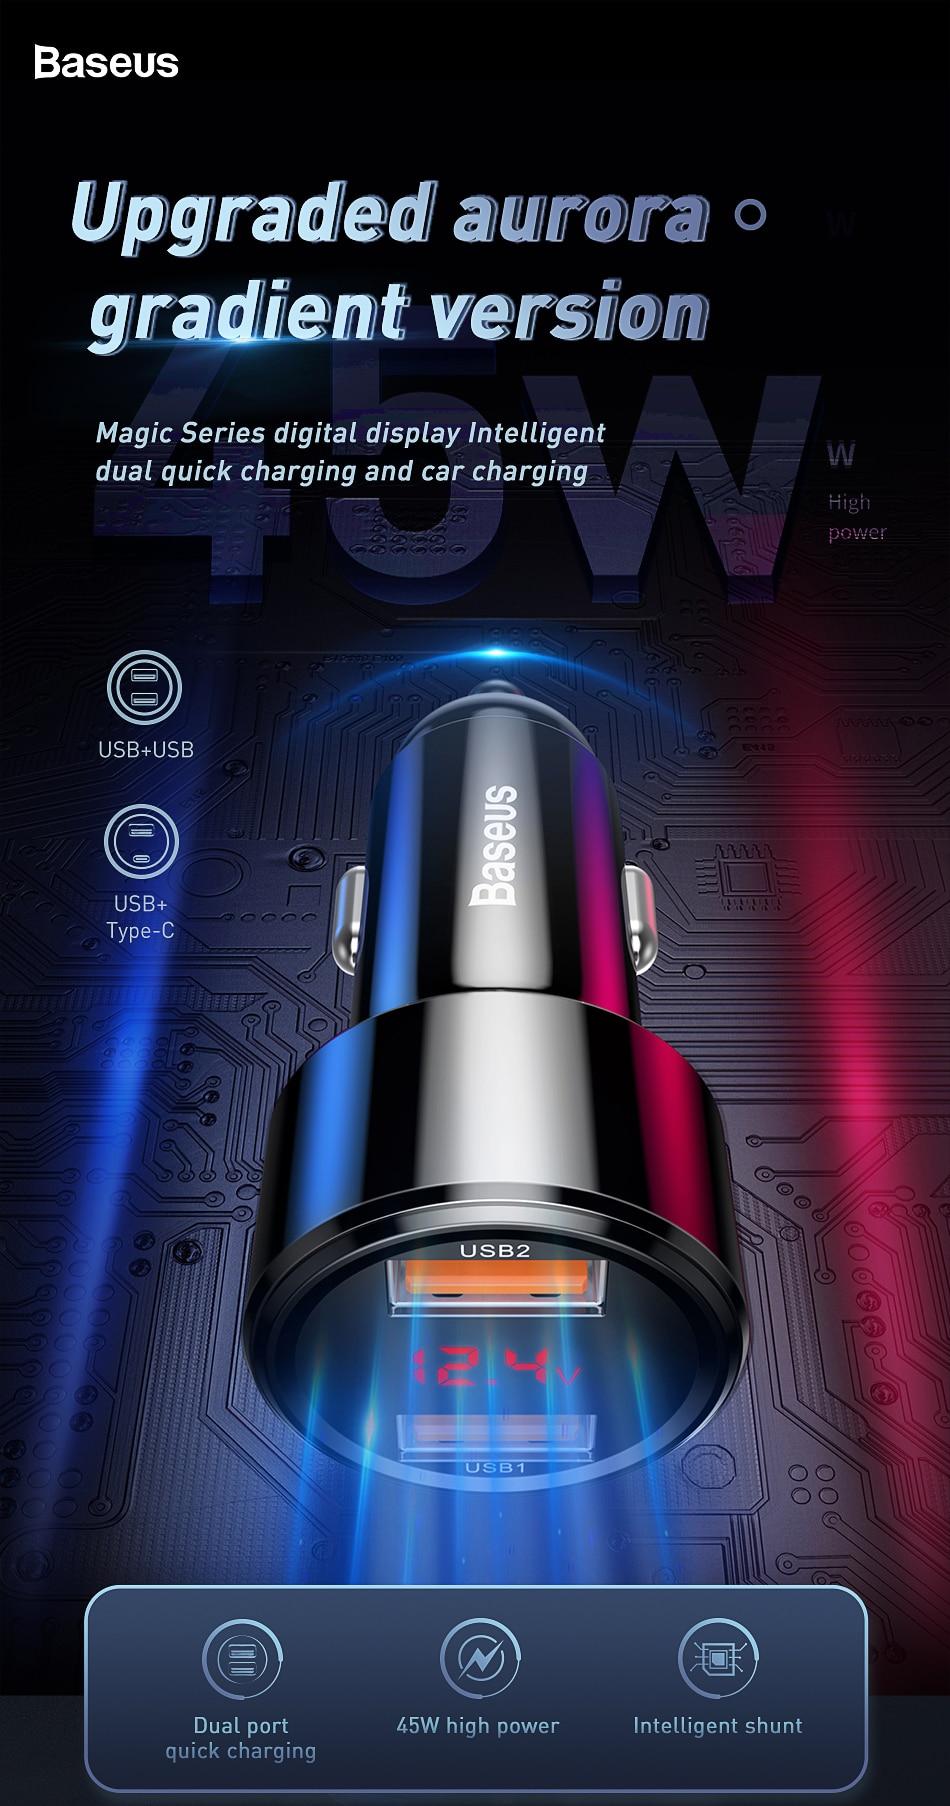 Le Jeune moderne.Auto & moto-Chargeur voiture USB 45W Quick Charge 3 & 4 sous USB-C-Chargeur USB pour voiture de 45W. Quick Charge 3 et 4. prise en charge de la charge 4.0 uniquement avec prise USB-C. Petit, discret et équipé d'un circuit de haute technologie de régulation de tension, ce chargeur n'est pas prêt de vous lâcher.